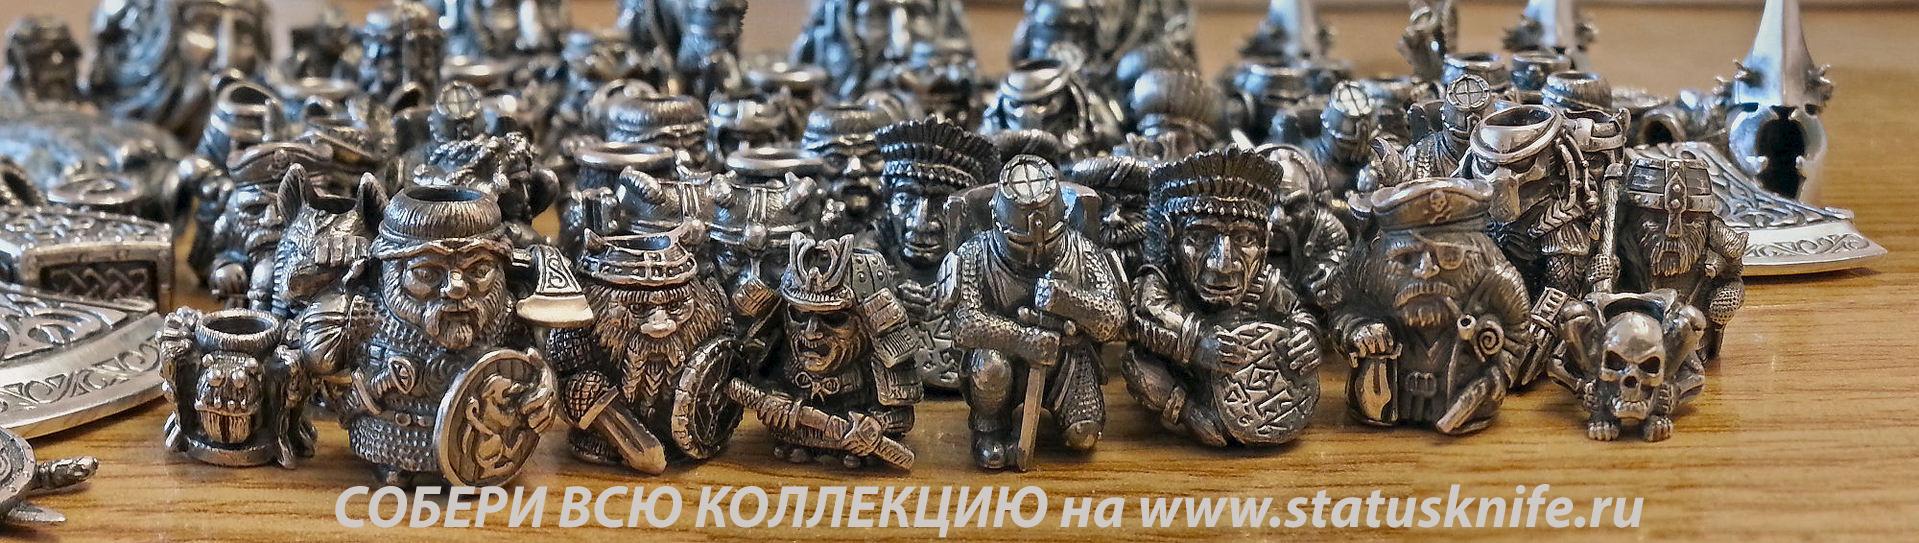 Темлячная бусина Шлем Спартанца - фотография